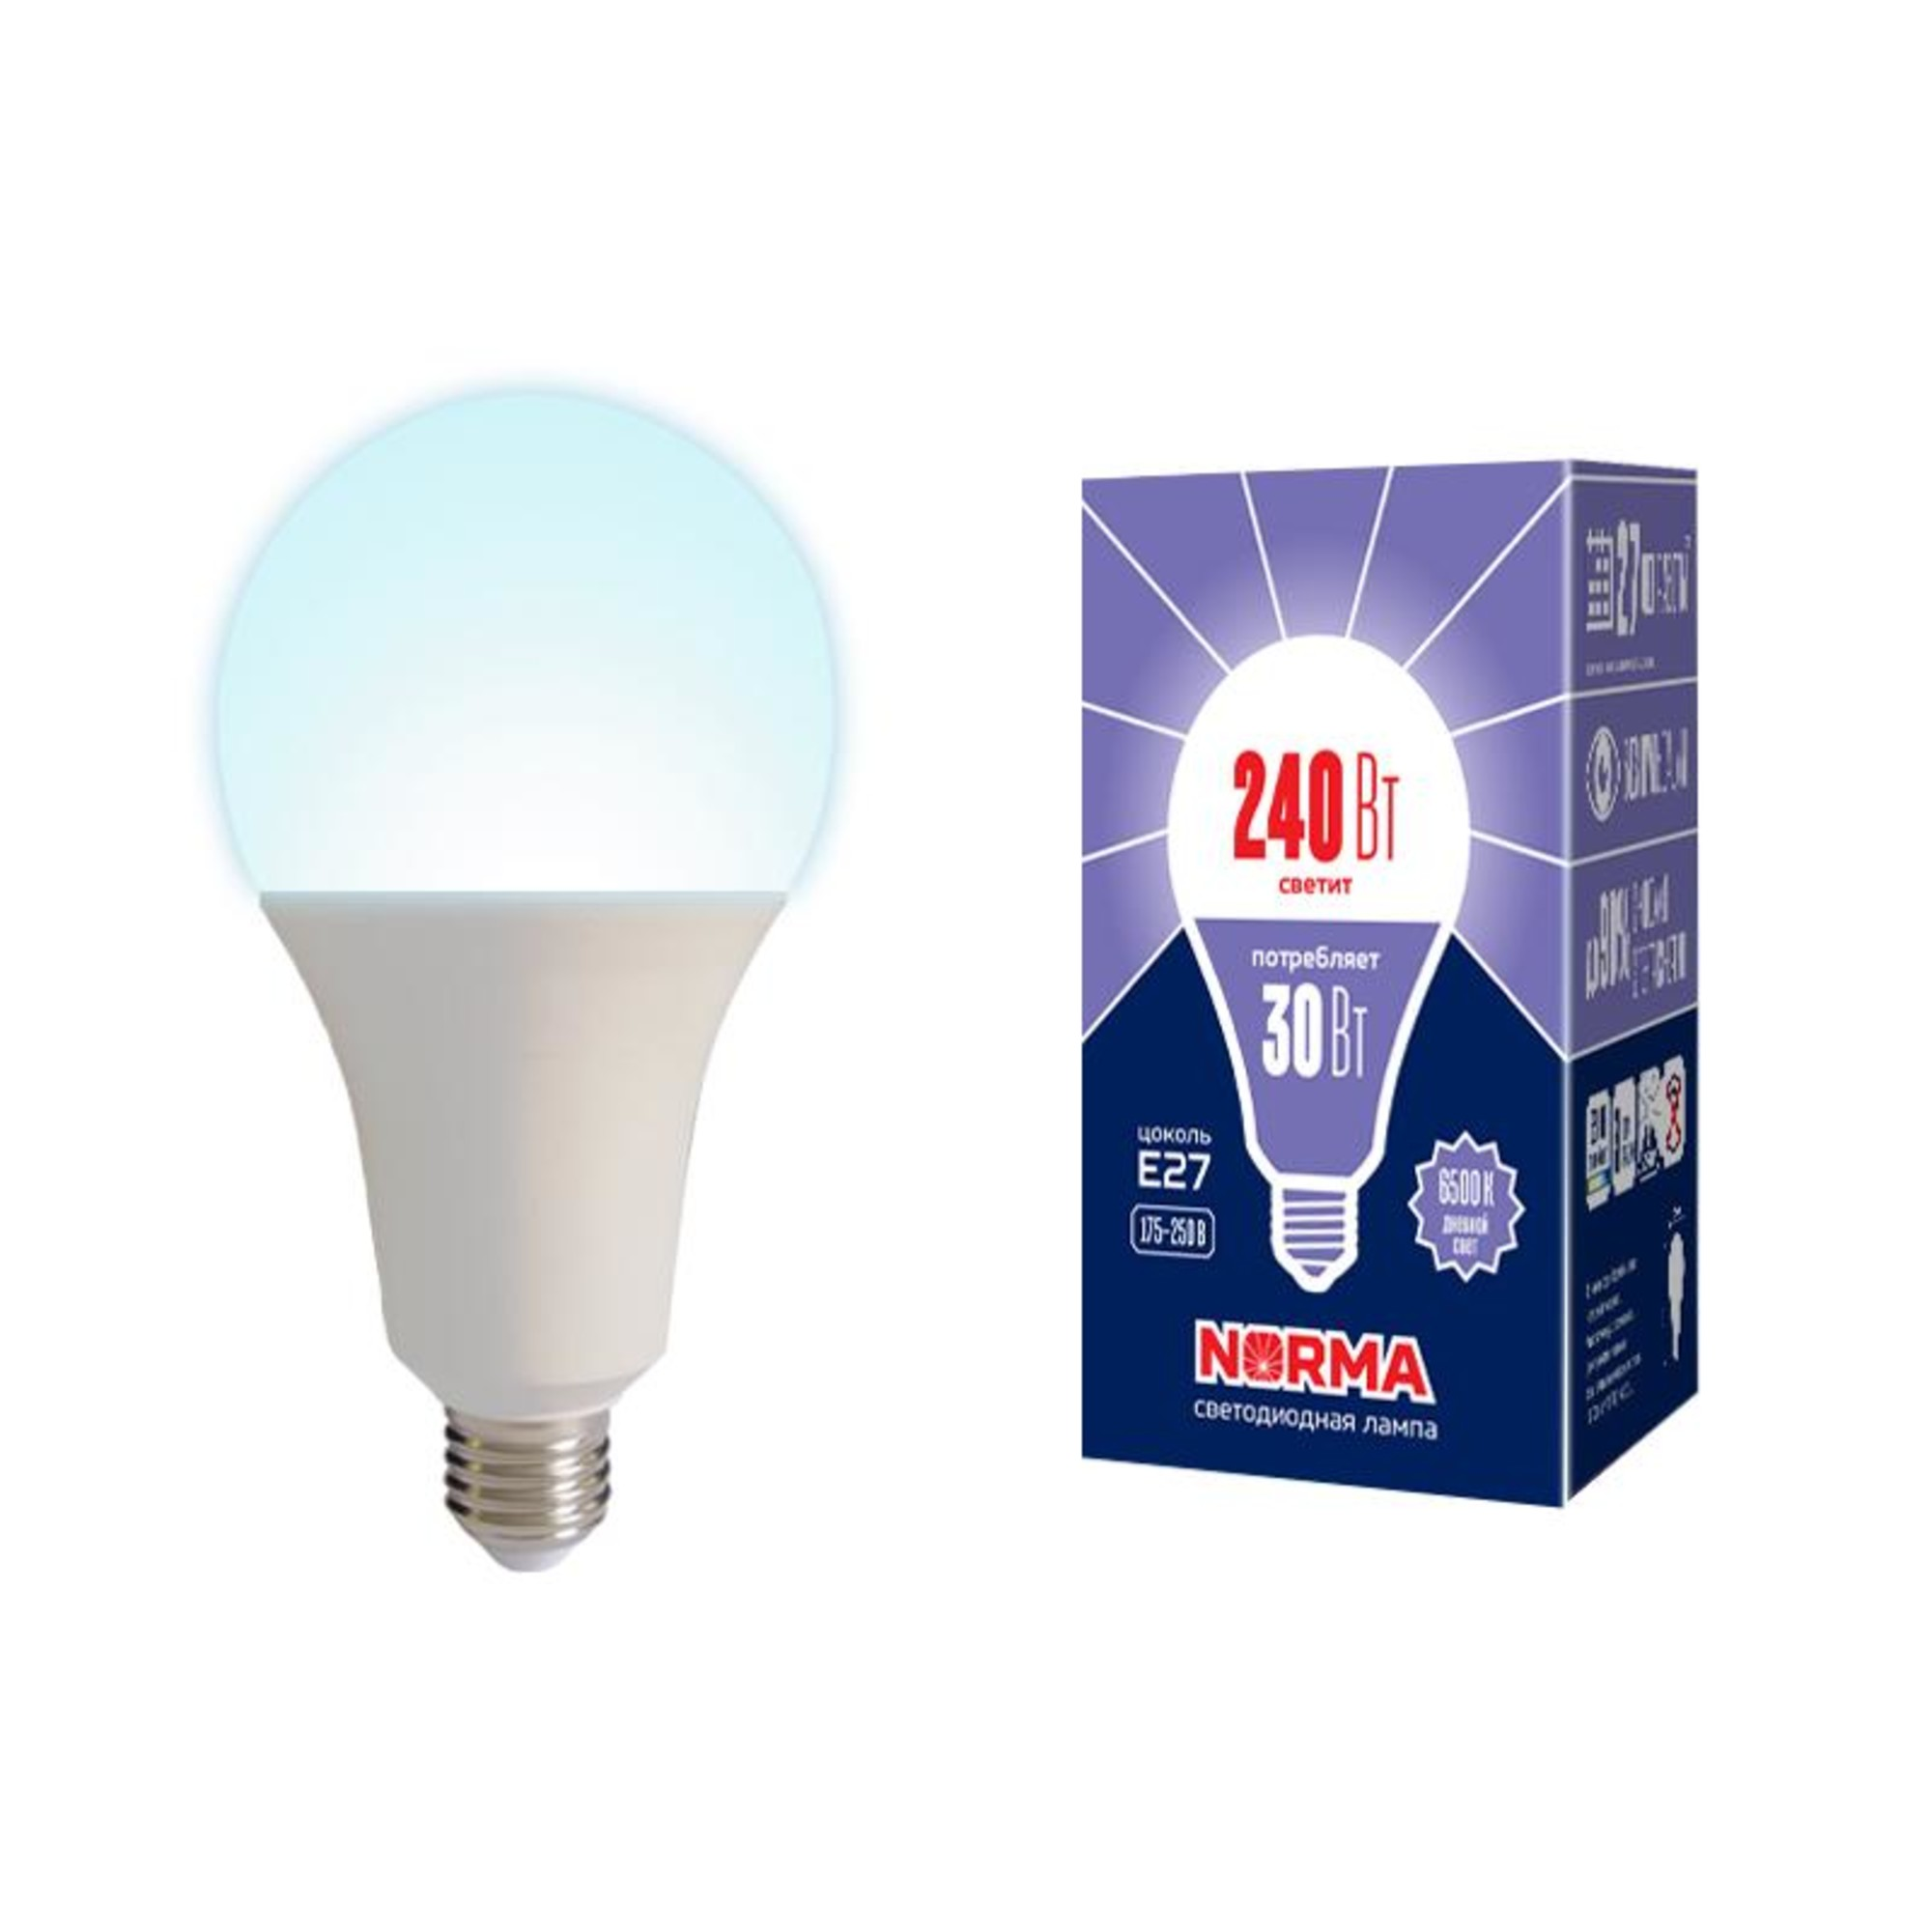 Лампа Volpe светодиодная E27 30 Вт нейтральный свет